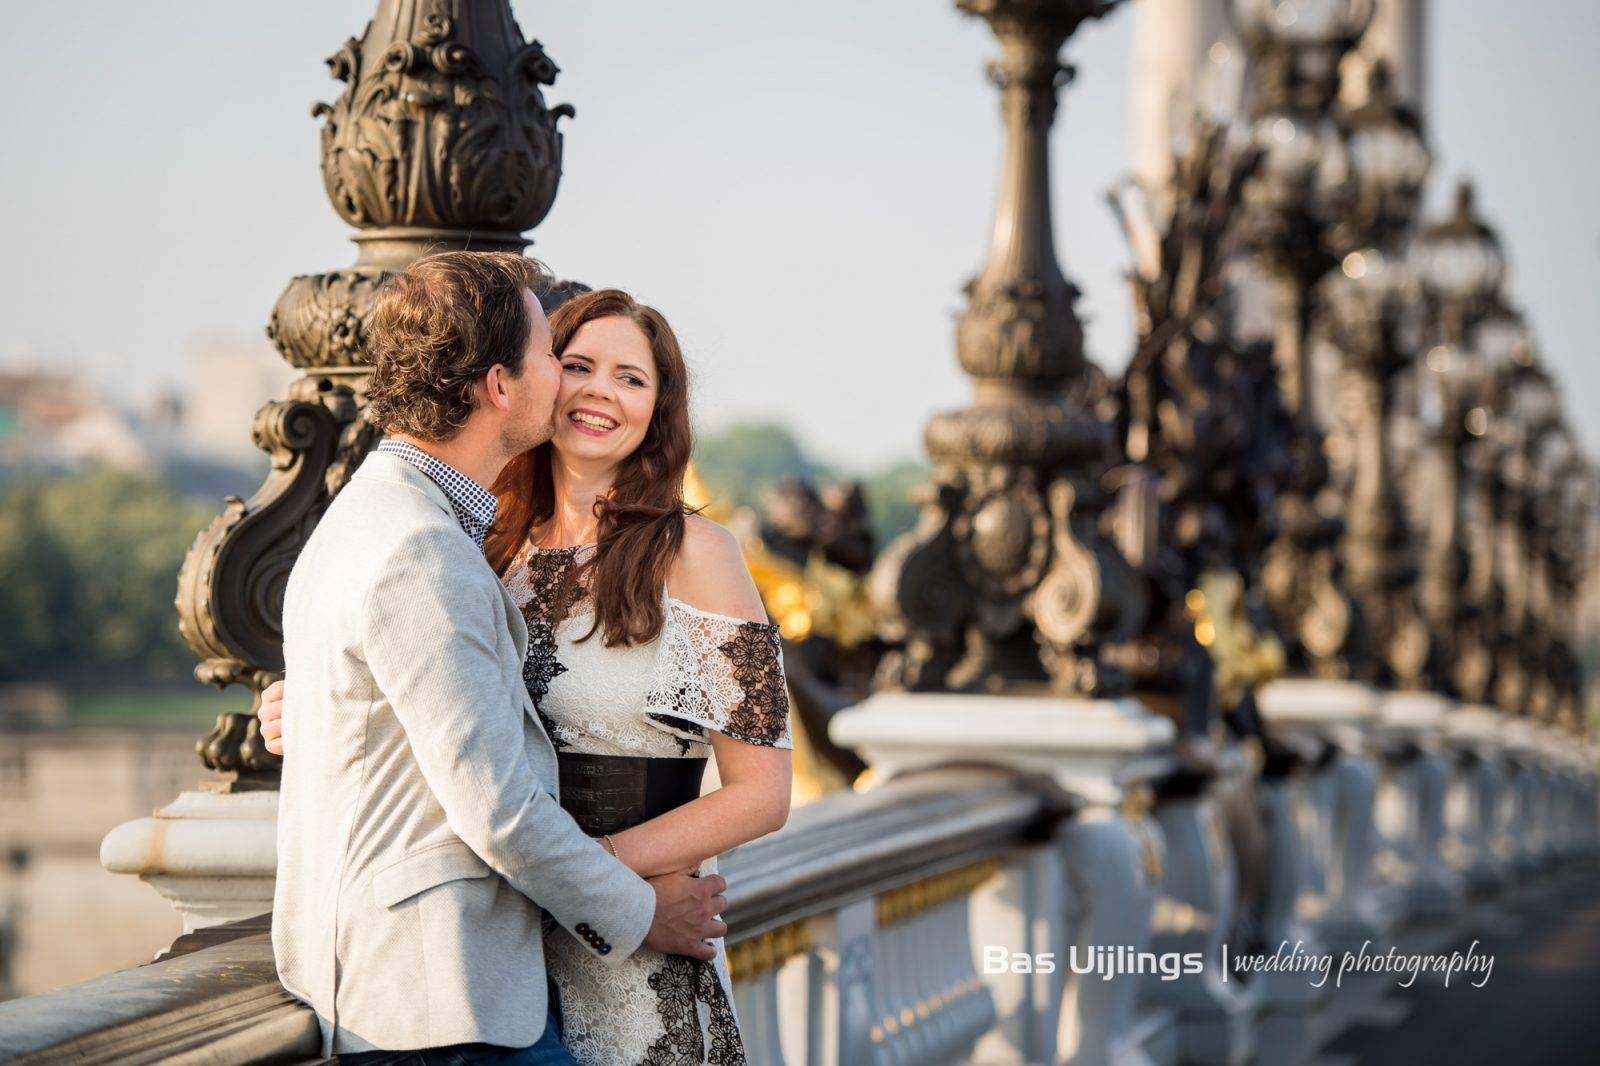 Loveshoot voor bruiloft